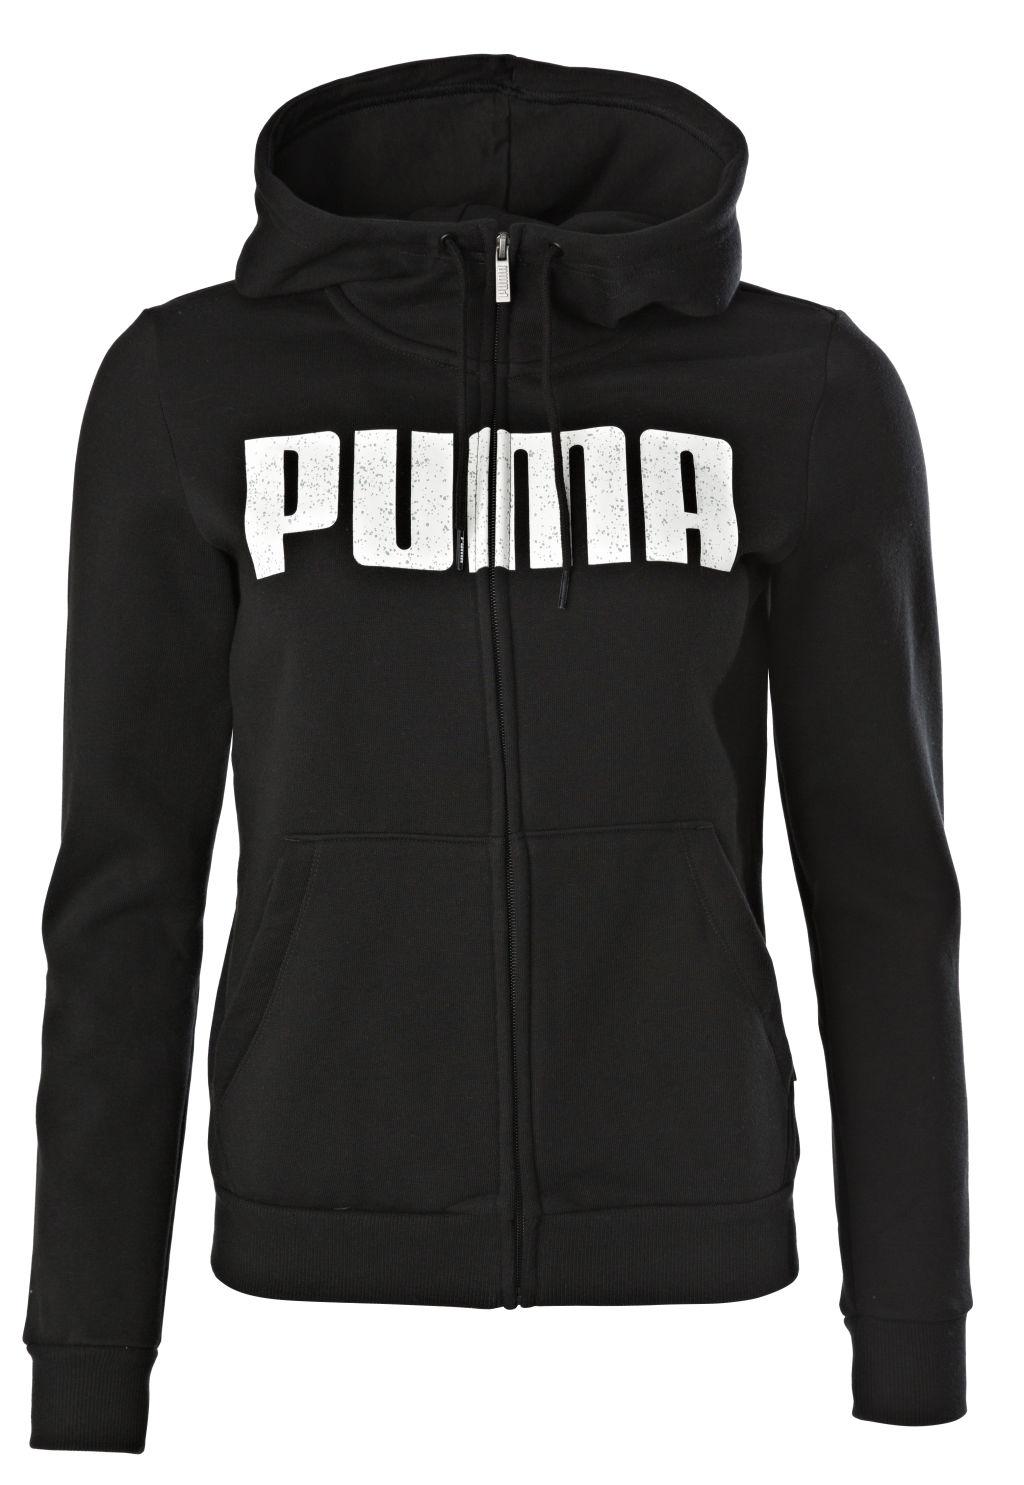 Puma Ka Graphic naisten collegetakki Musta 0983c056dd